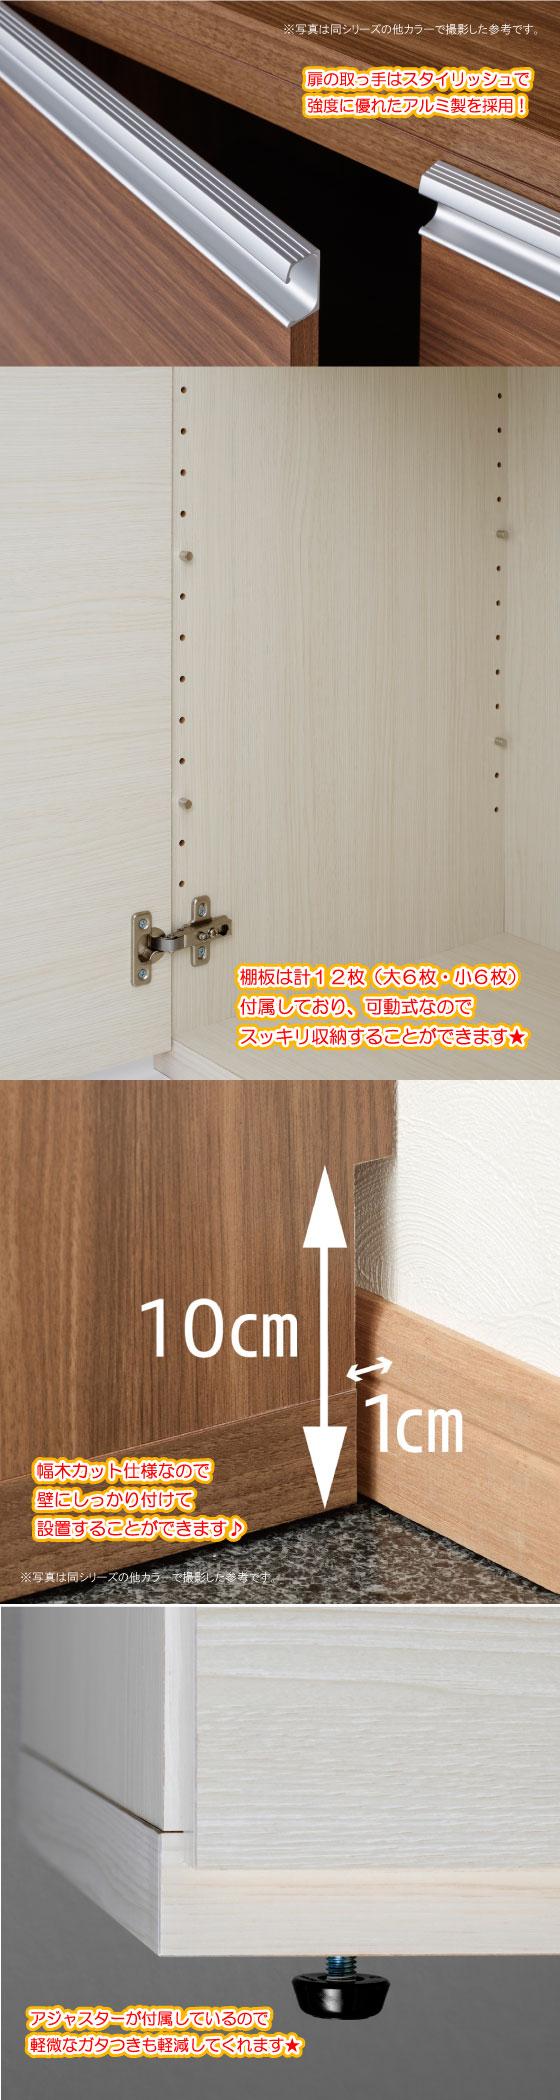 幅90cm×高さ192cm・ホワイトウッド柄キャビネット(完成品)